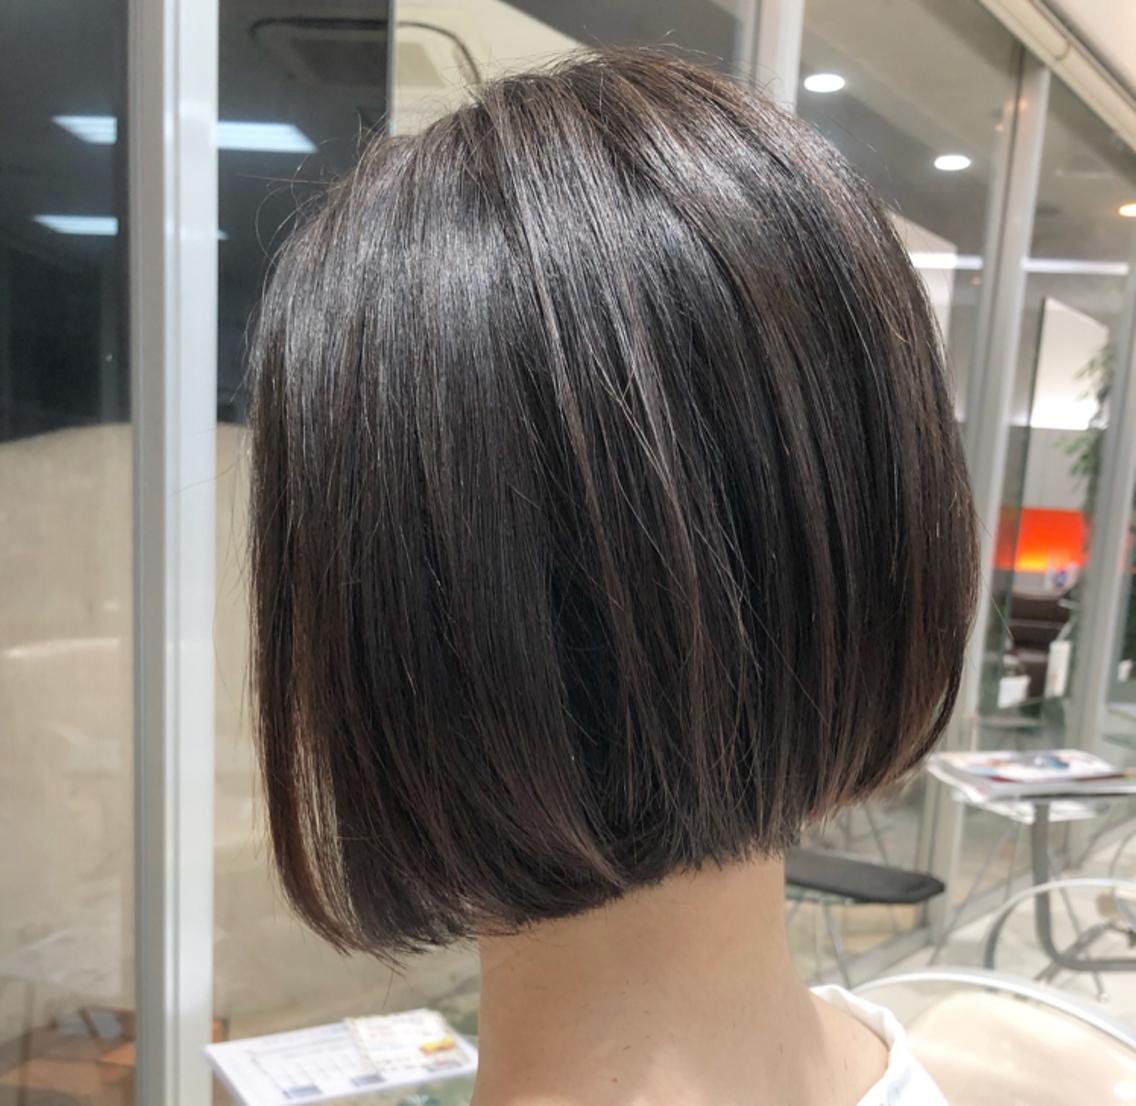 【新規の方限定】❣️カット、パーマモデル募集❣️【FORTE 掛川店 美容室】